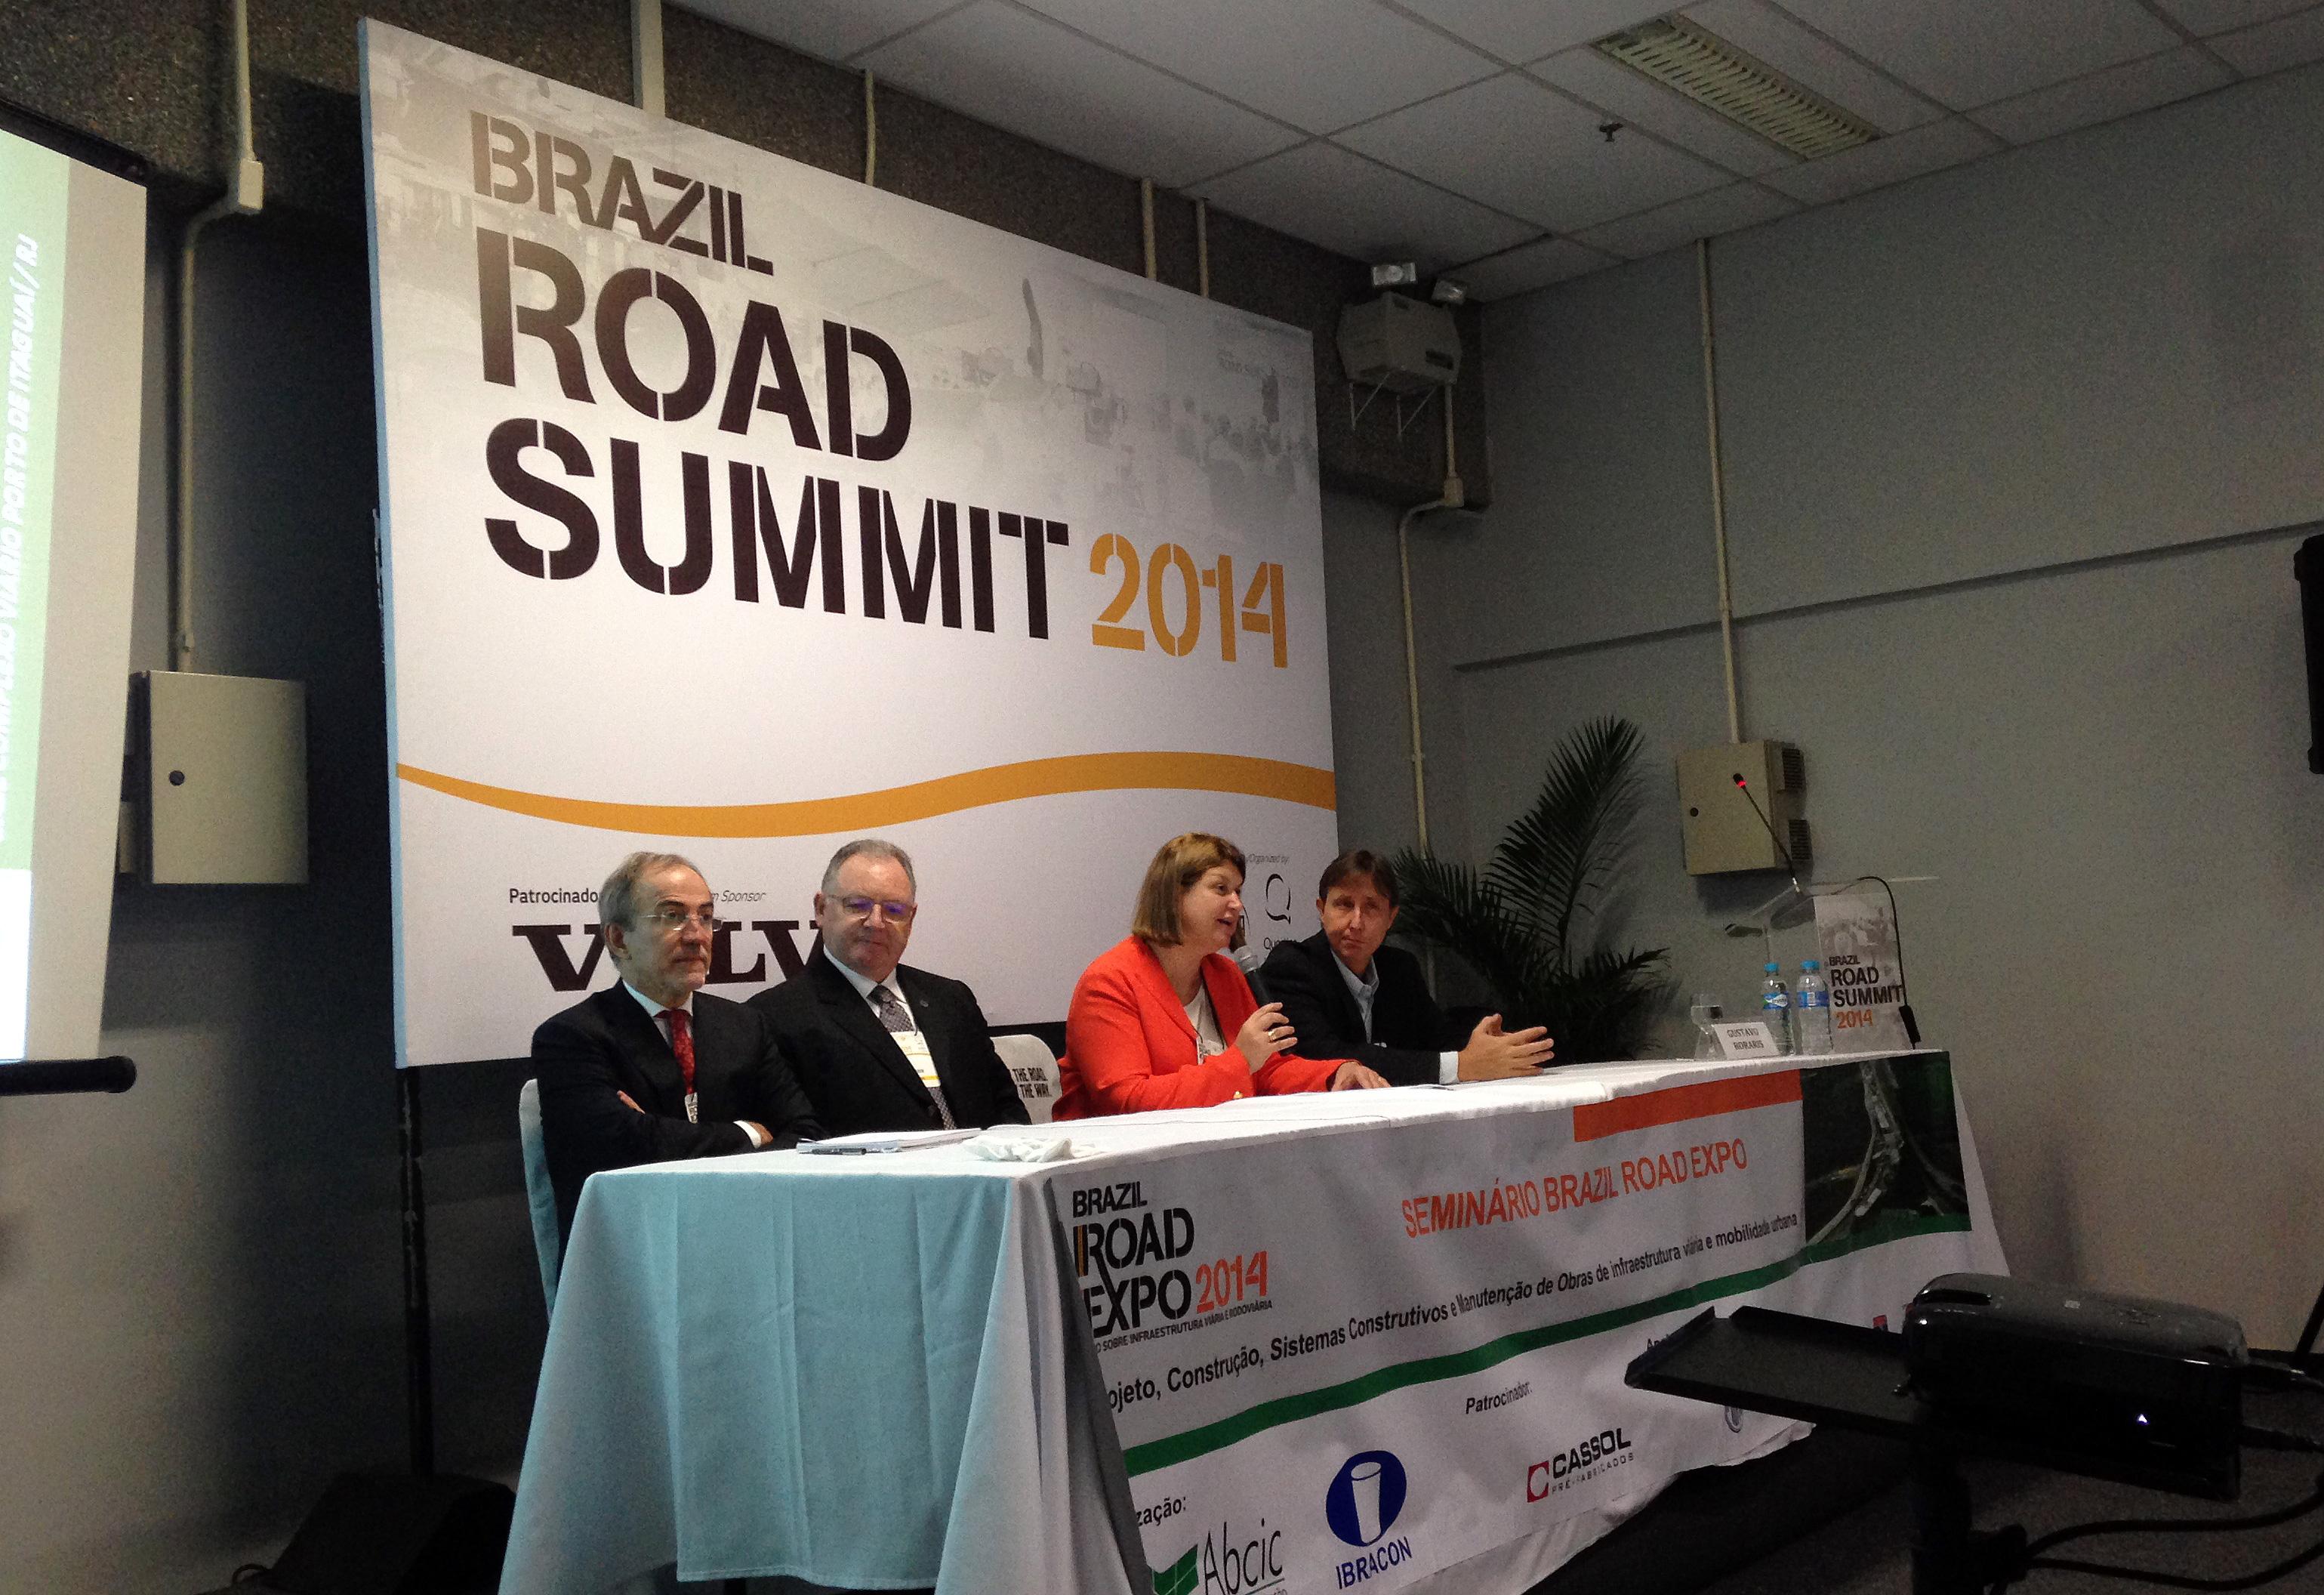 Alerta sobre ameaça às normas técnicas sem revisão foi dado em seminário da ABCIC, na Road Expo 2014